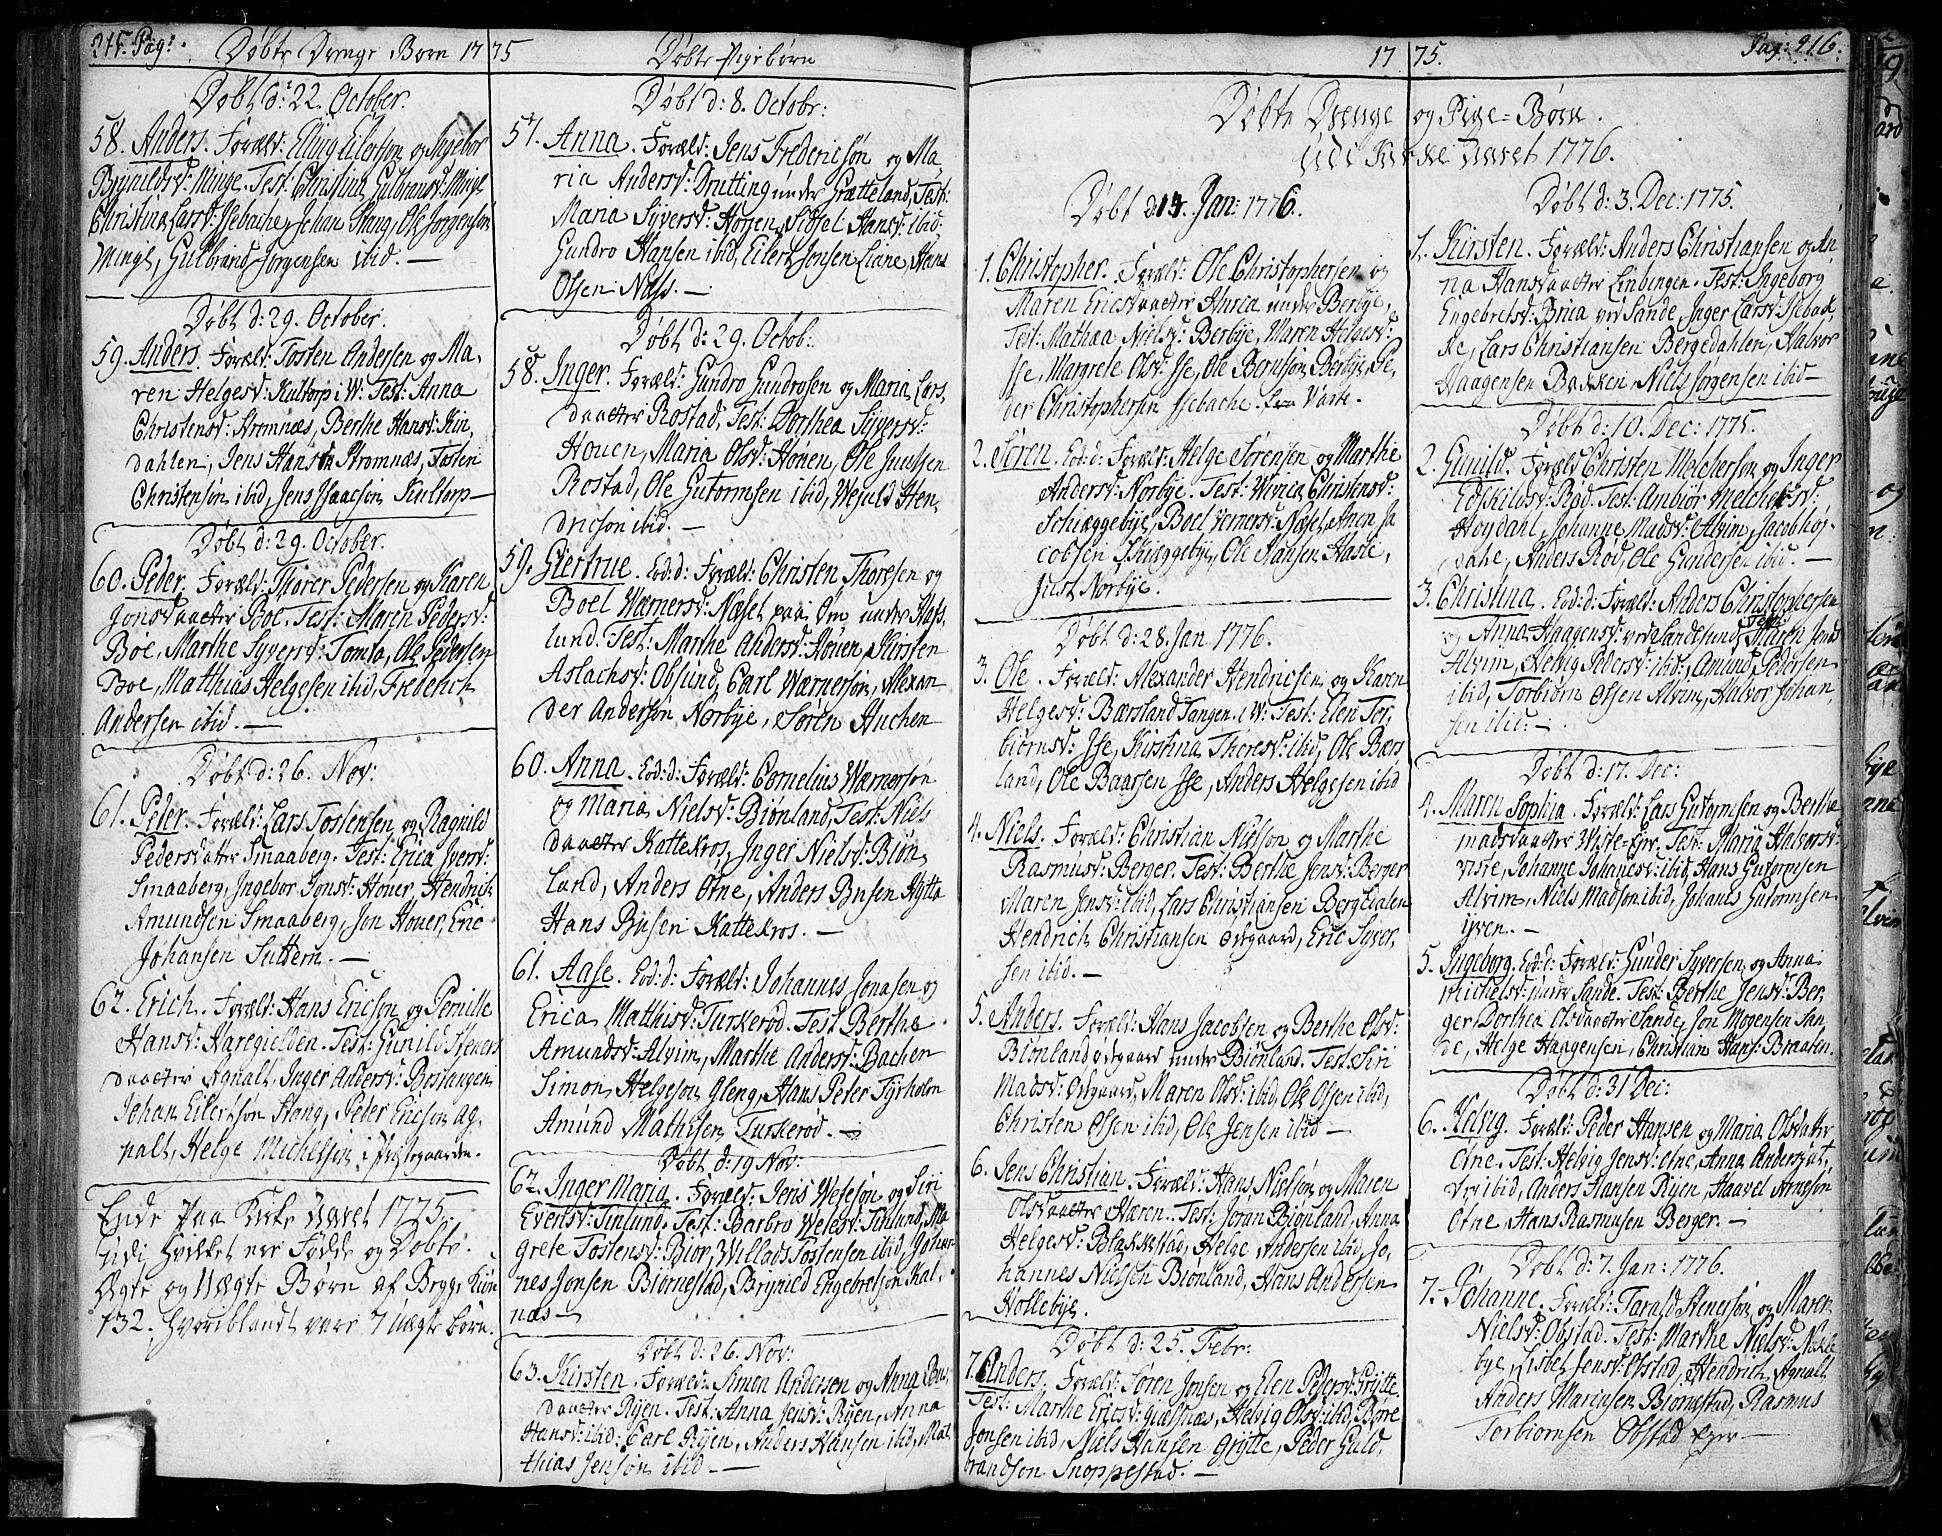 SAO, Tune prestekontor Kirkebøker, F/Fa/L0002: Ministerialbok nr. 2, 1758-1781, s. 215-216